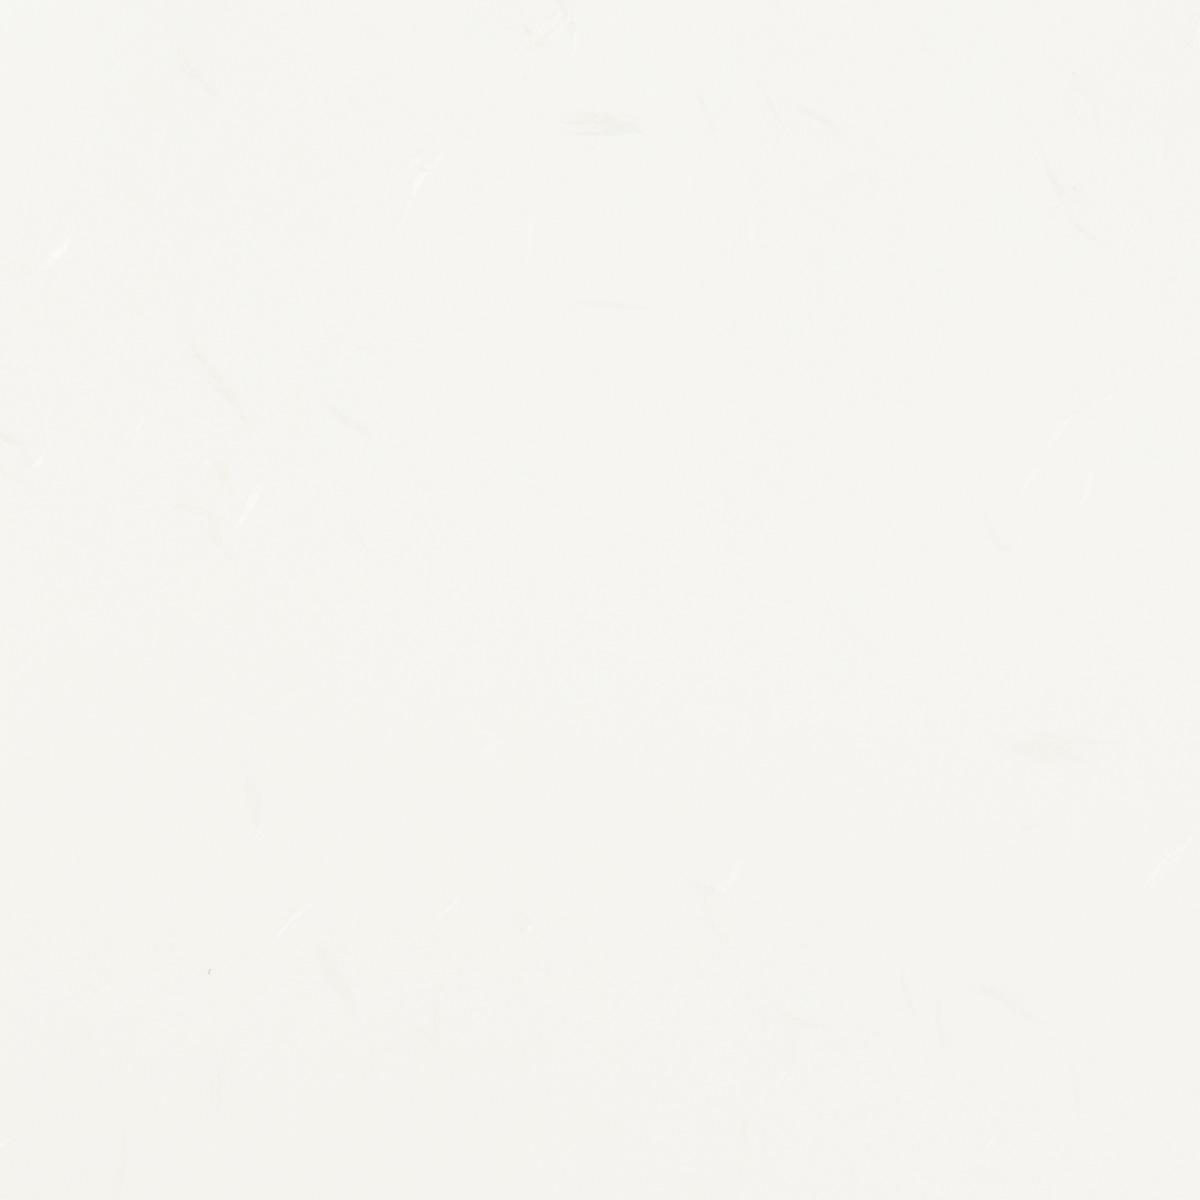 月華ニューカラー B5サイズ(50枚入) No.37 ホワイト